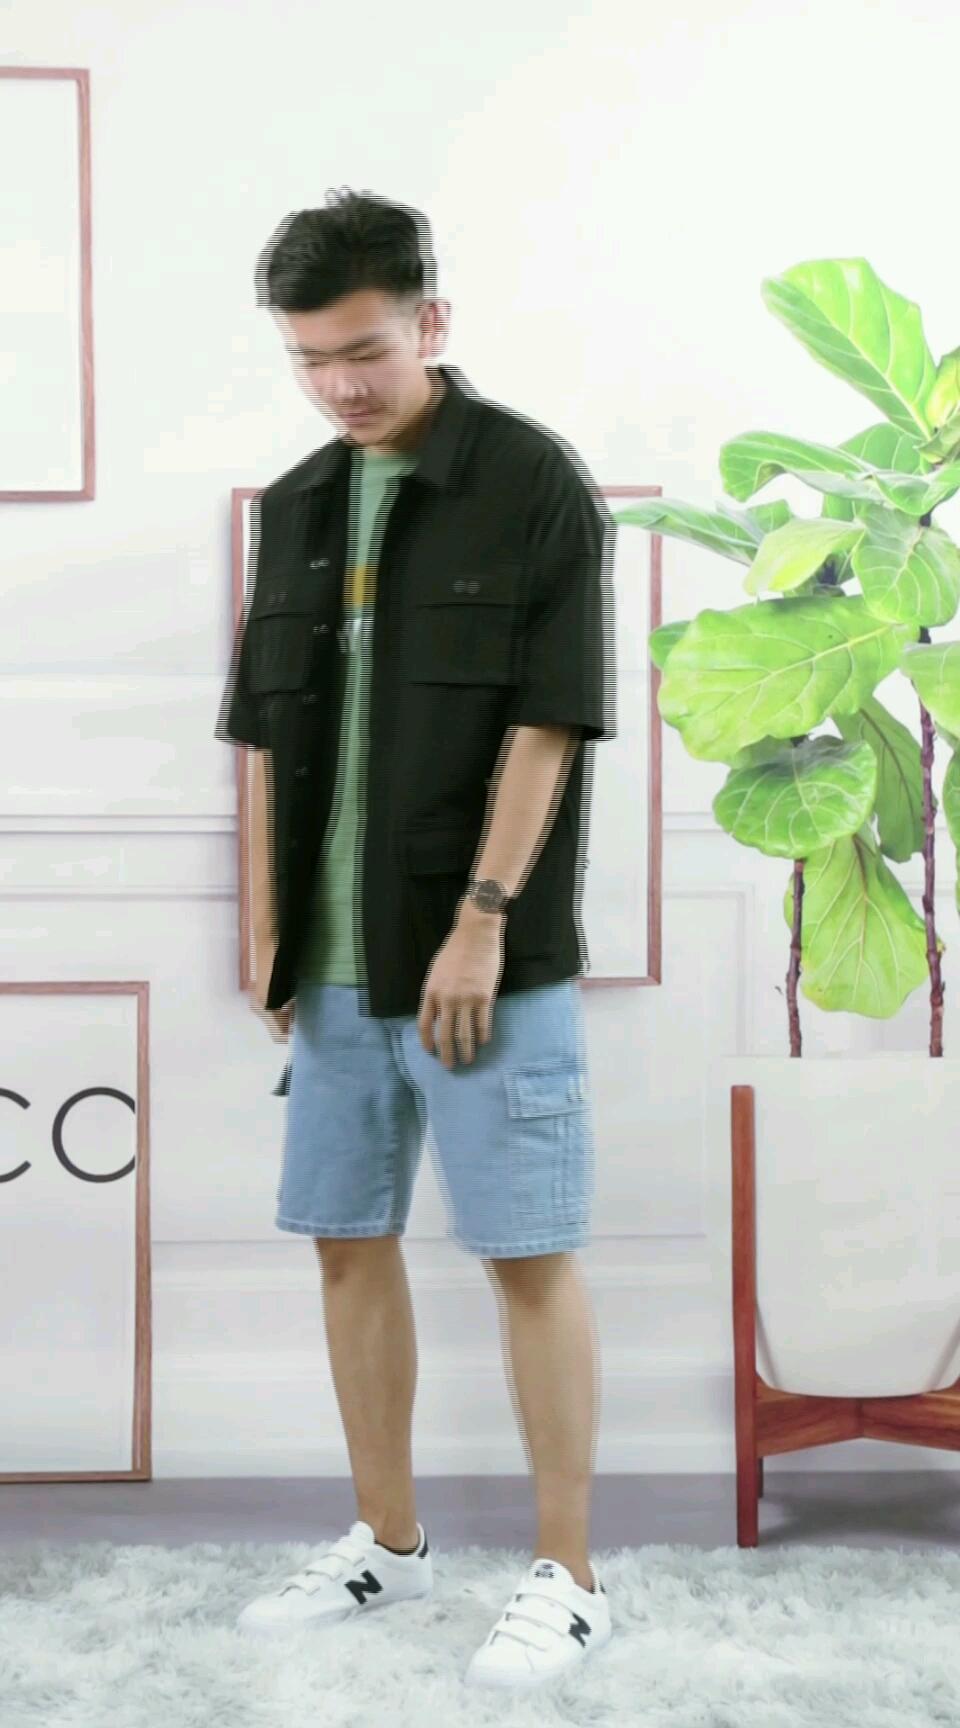 清爽的水洗牛仔裤是夏季型男的必备单品之一,特殊工艺的水洗,让布料更加的柔软透气,非常适合夏天。上身可以采用今年很流行的叠穿,选一件清新绿的T恤作为打底,再来一件工装风的衬衫,立马化身街潮boy!#30℃入夏的正确穿搭方式#